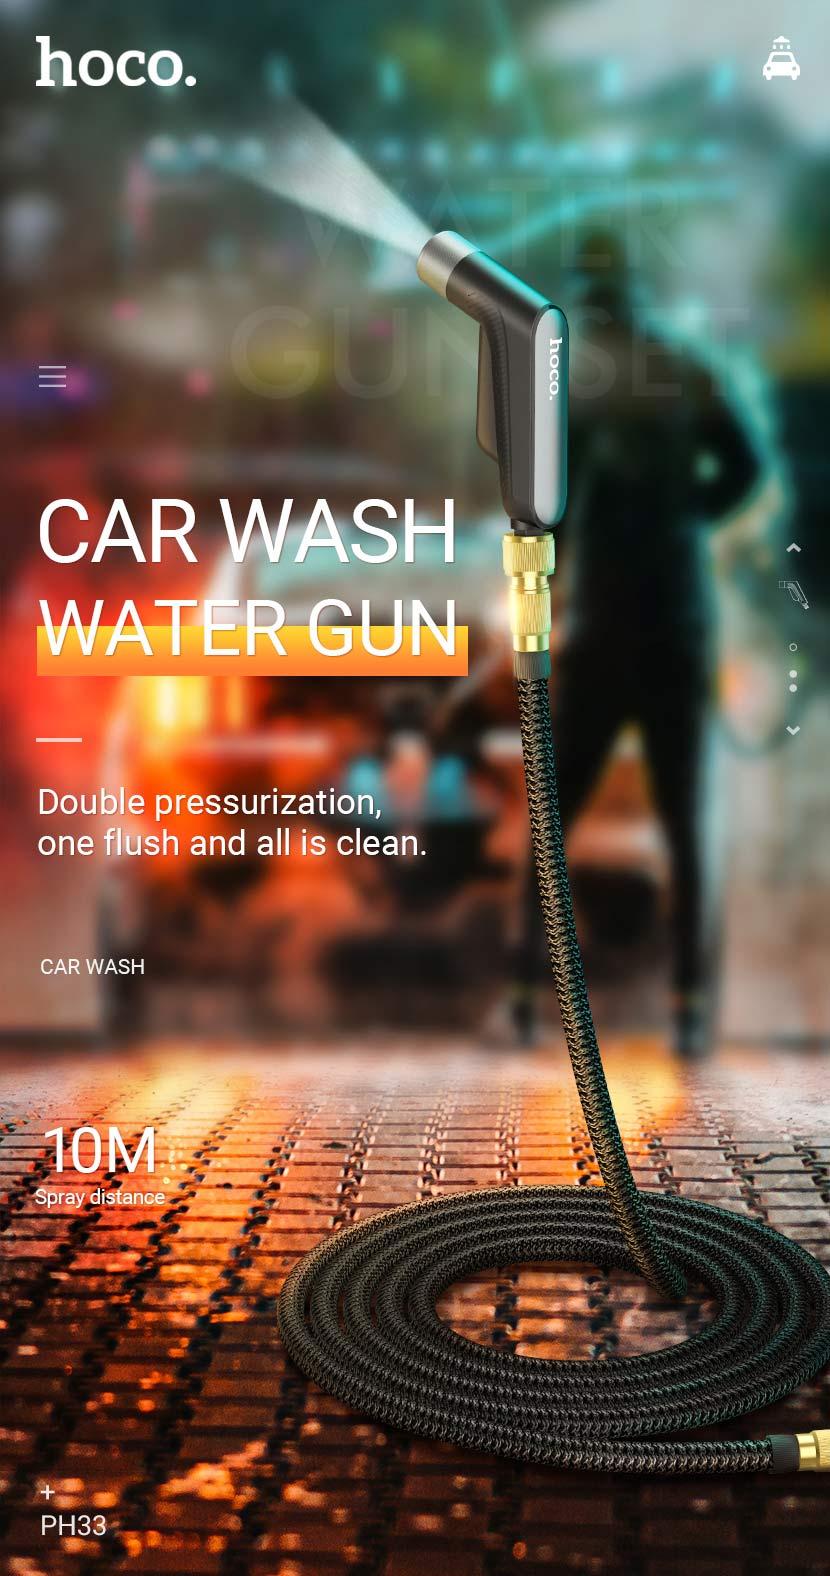 hoco news ph33 clair car wash water gun set en